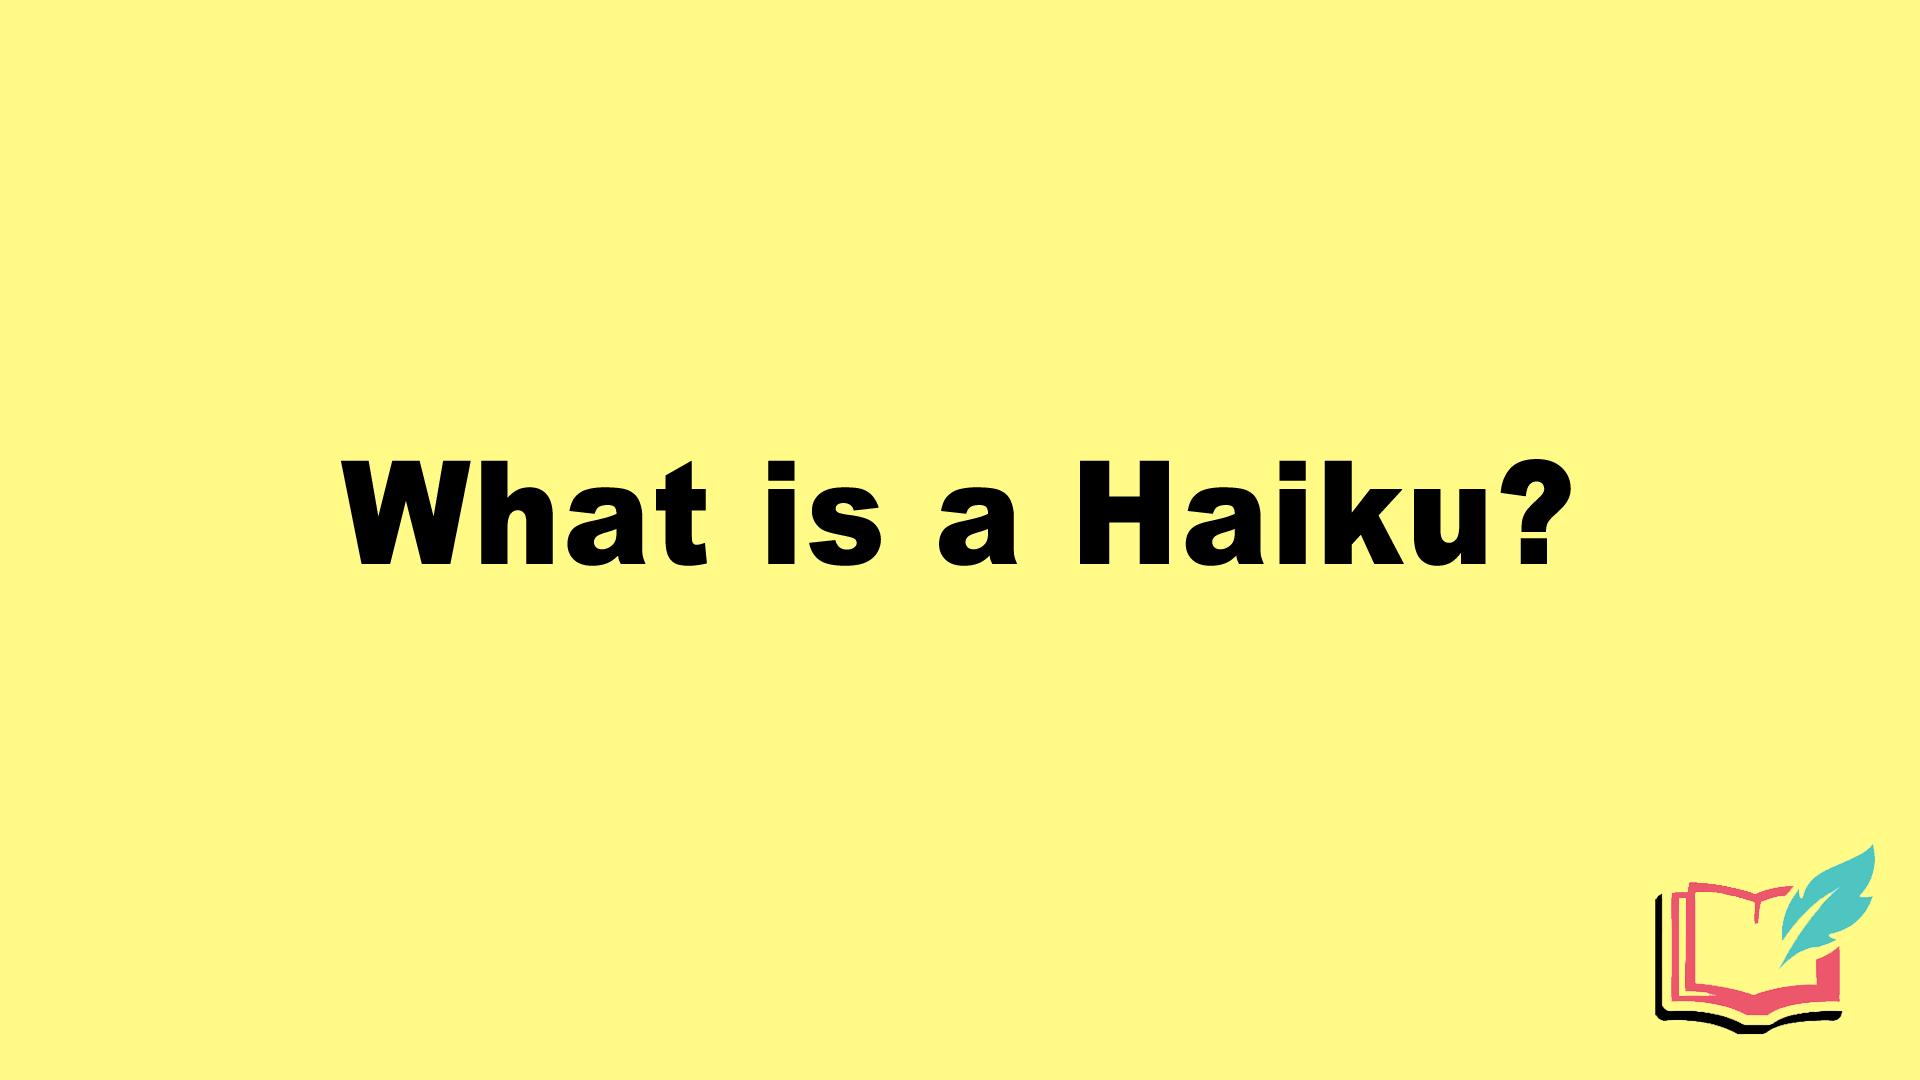 what is a haiku